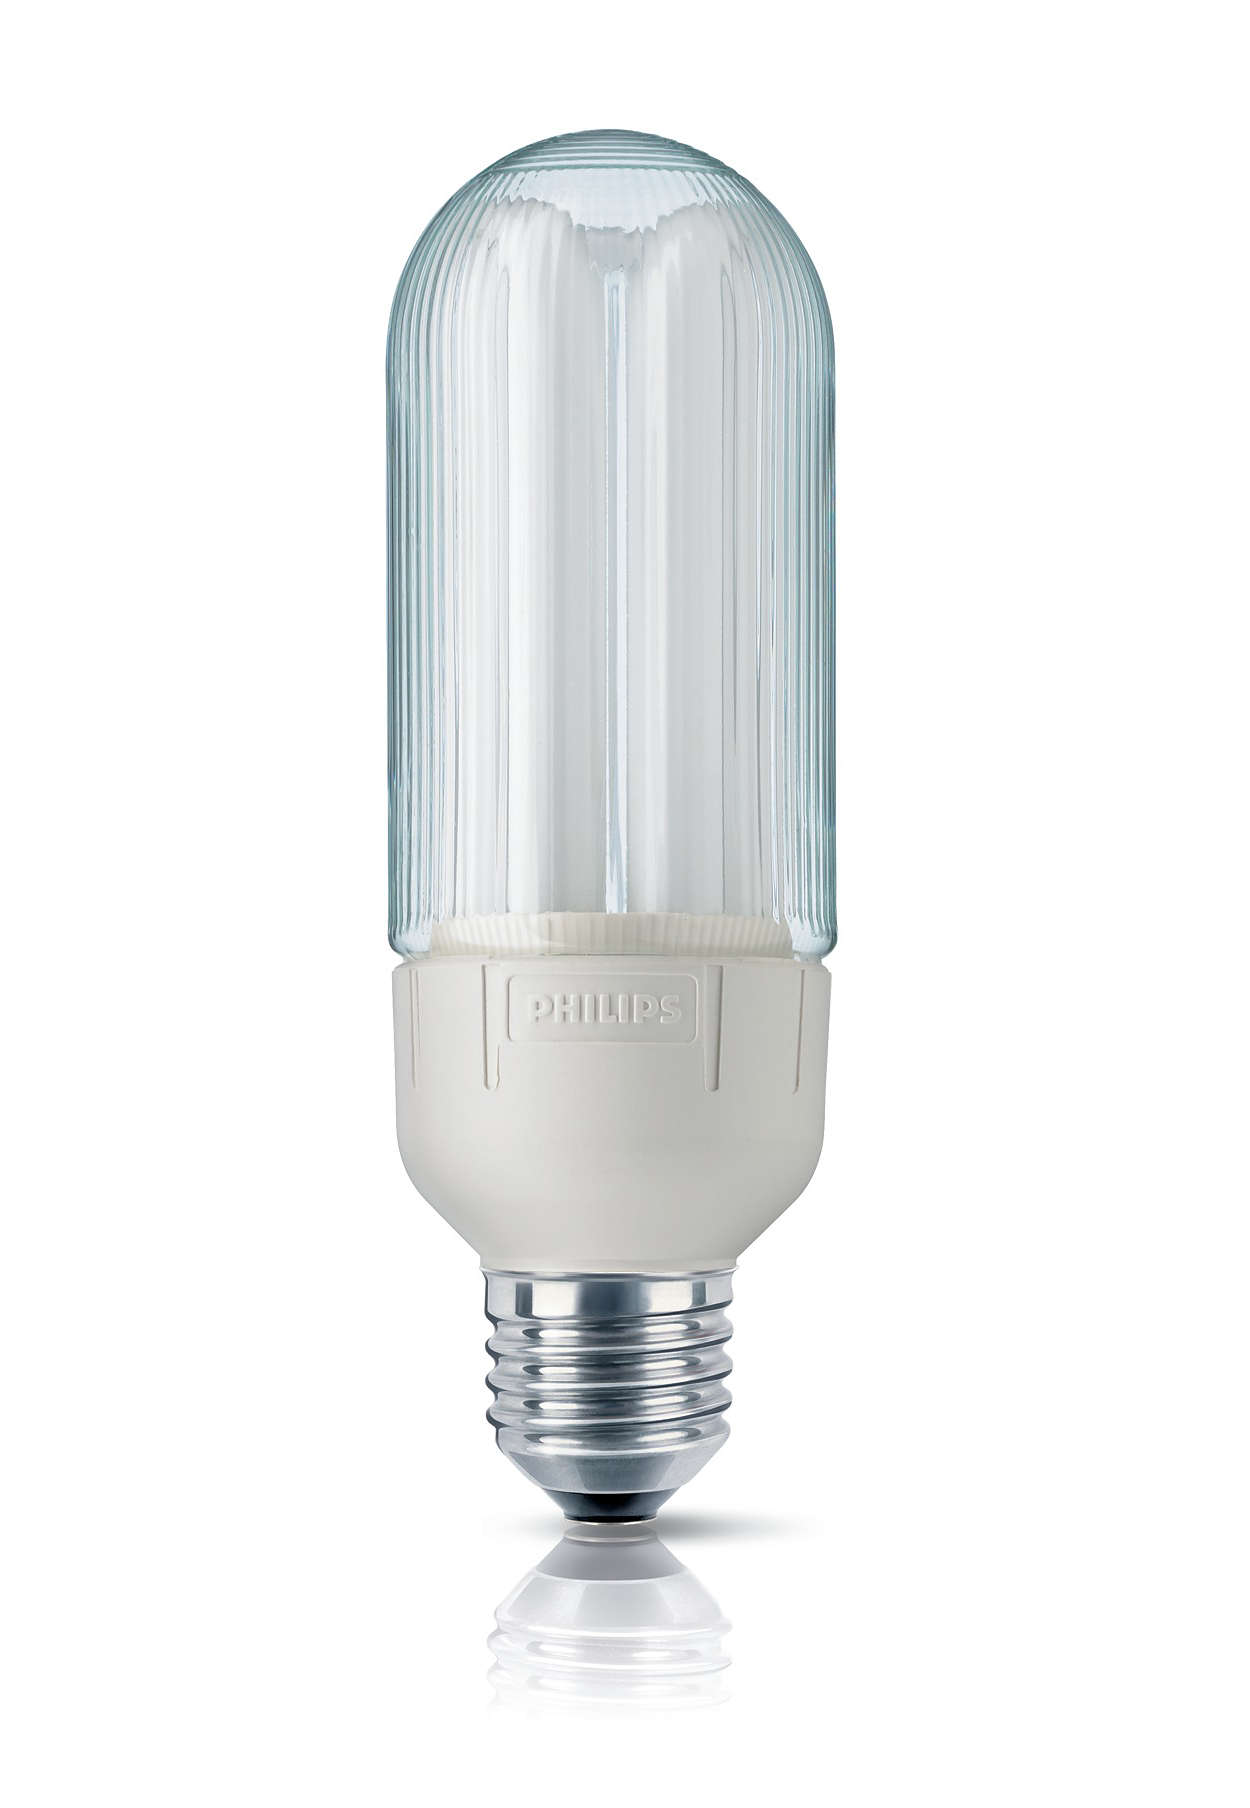 Illuminazione ideale per vivere gli spazi aperti